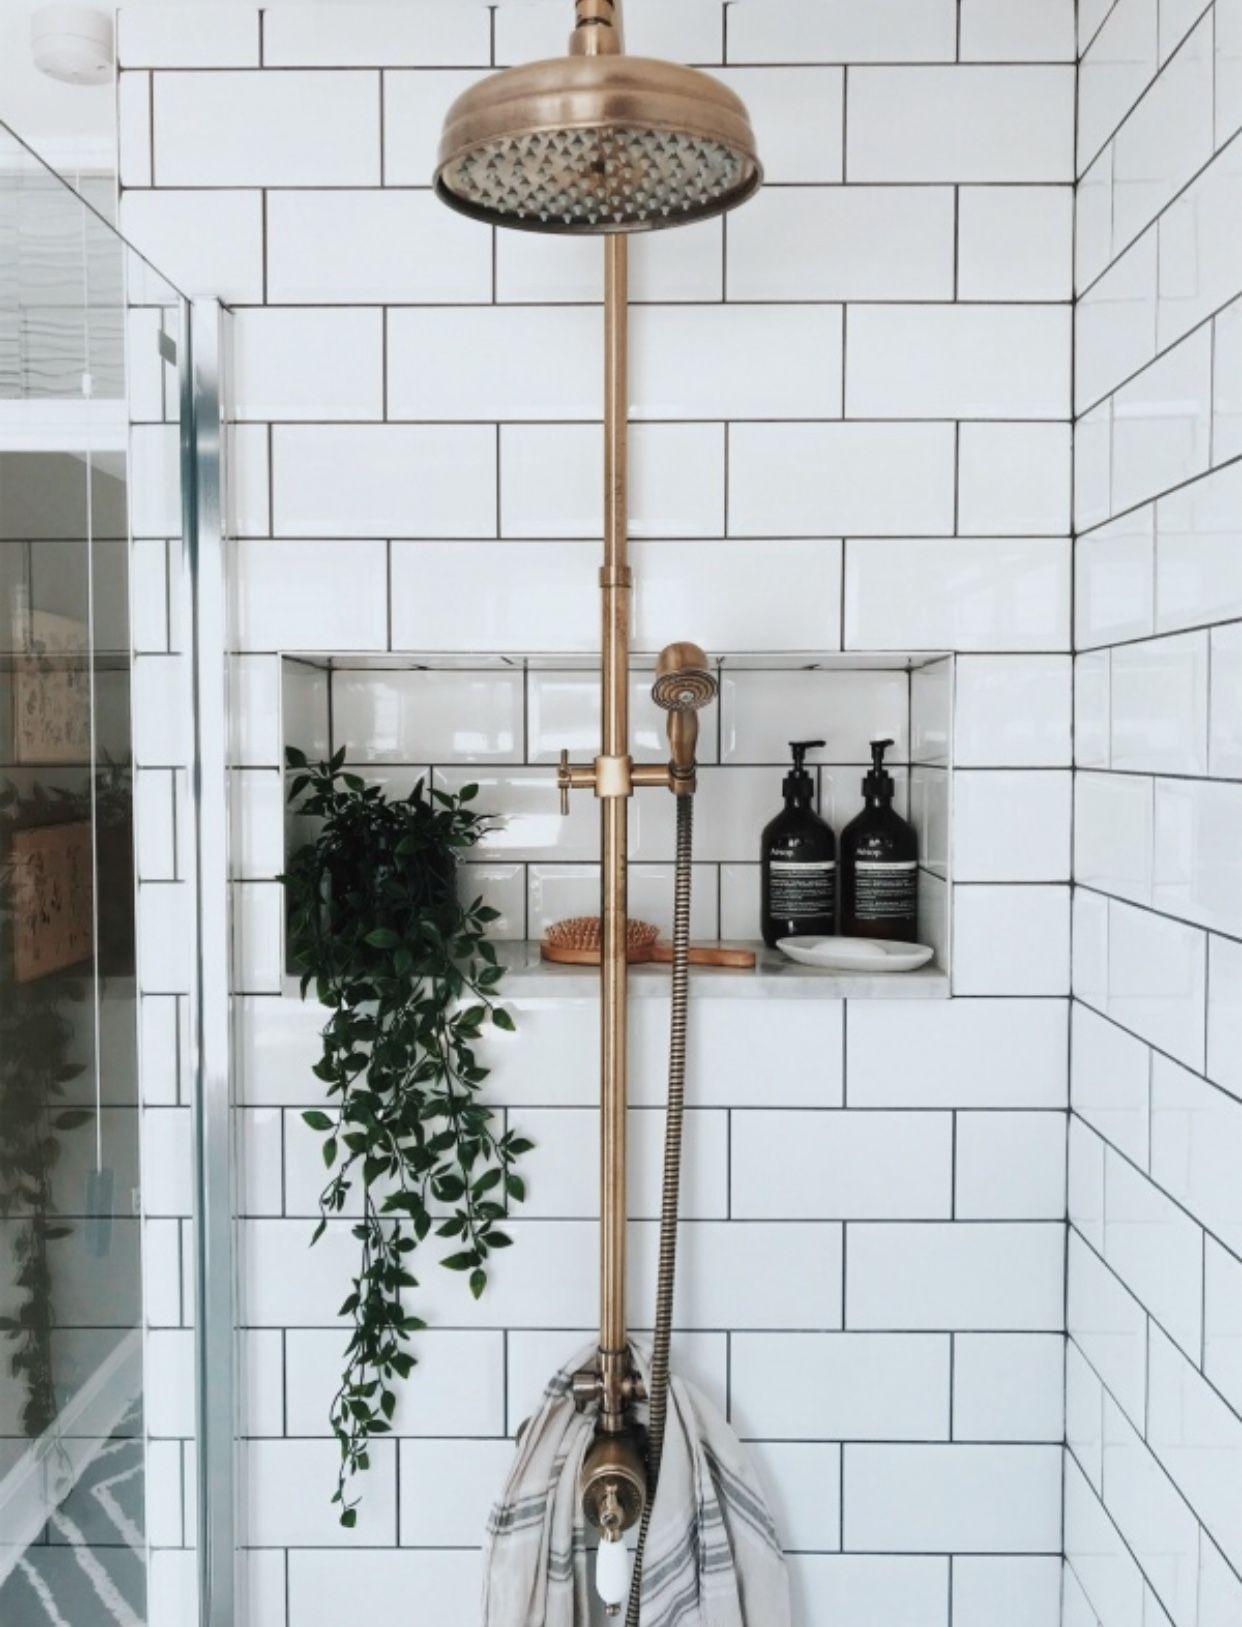 Pin Von Judit Plajer Auf To Live Kleines Bad Dekorieren Innenarchitektur Kleine Badezimmer